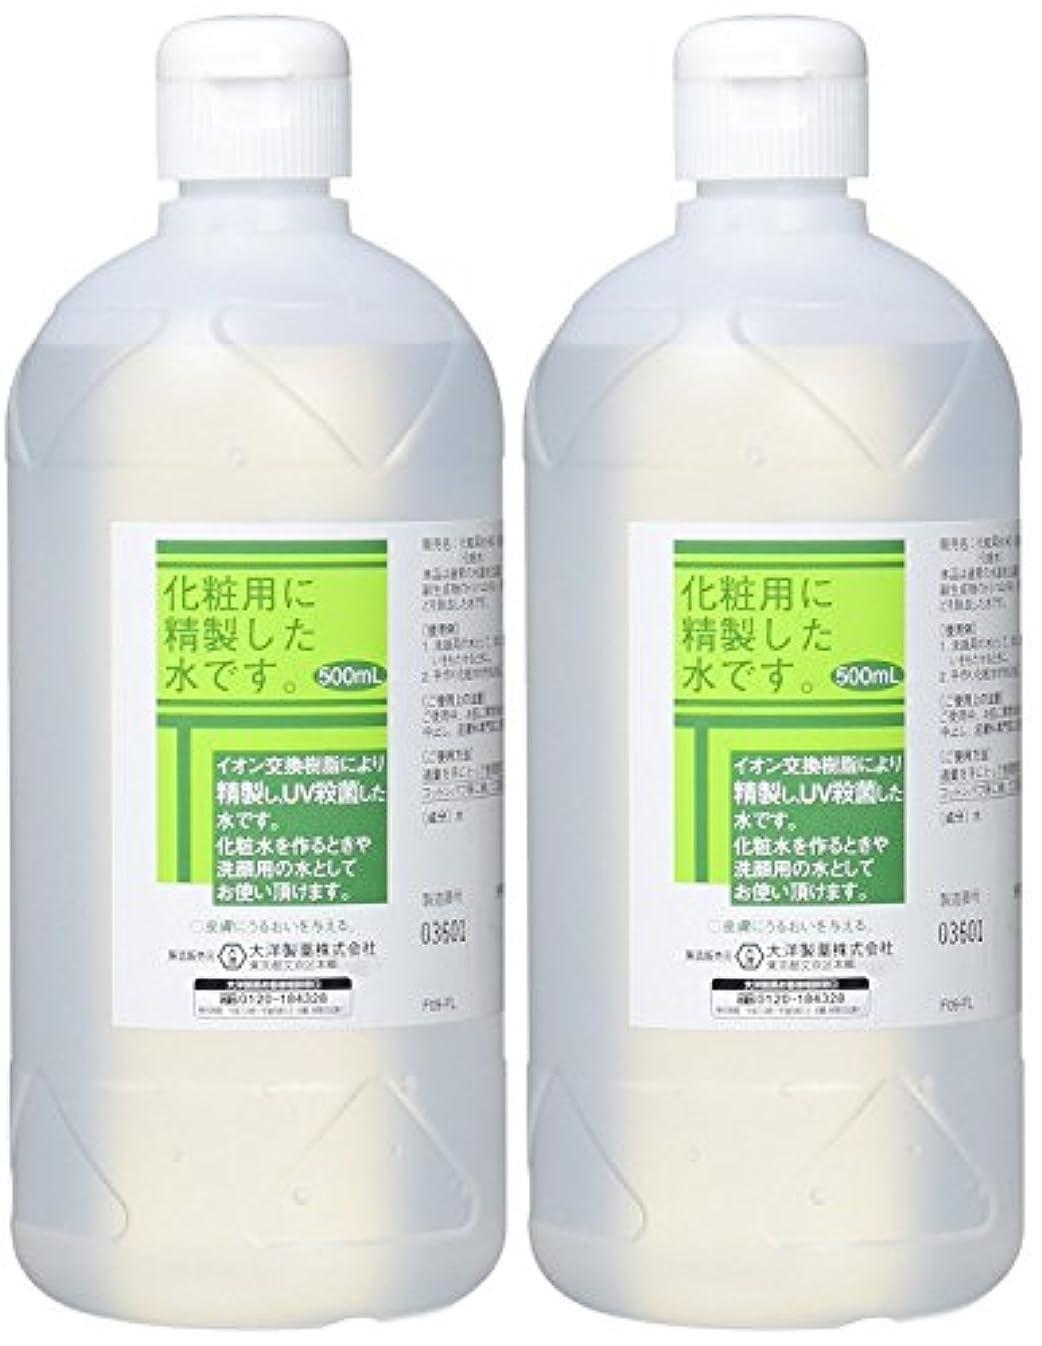 くつろぎタイマースクリュー化粧用 精製水 HG 500ml×2個